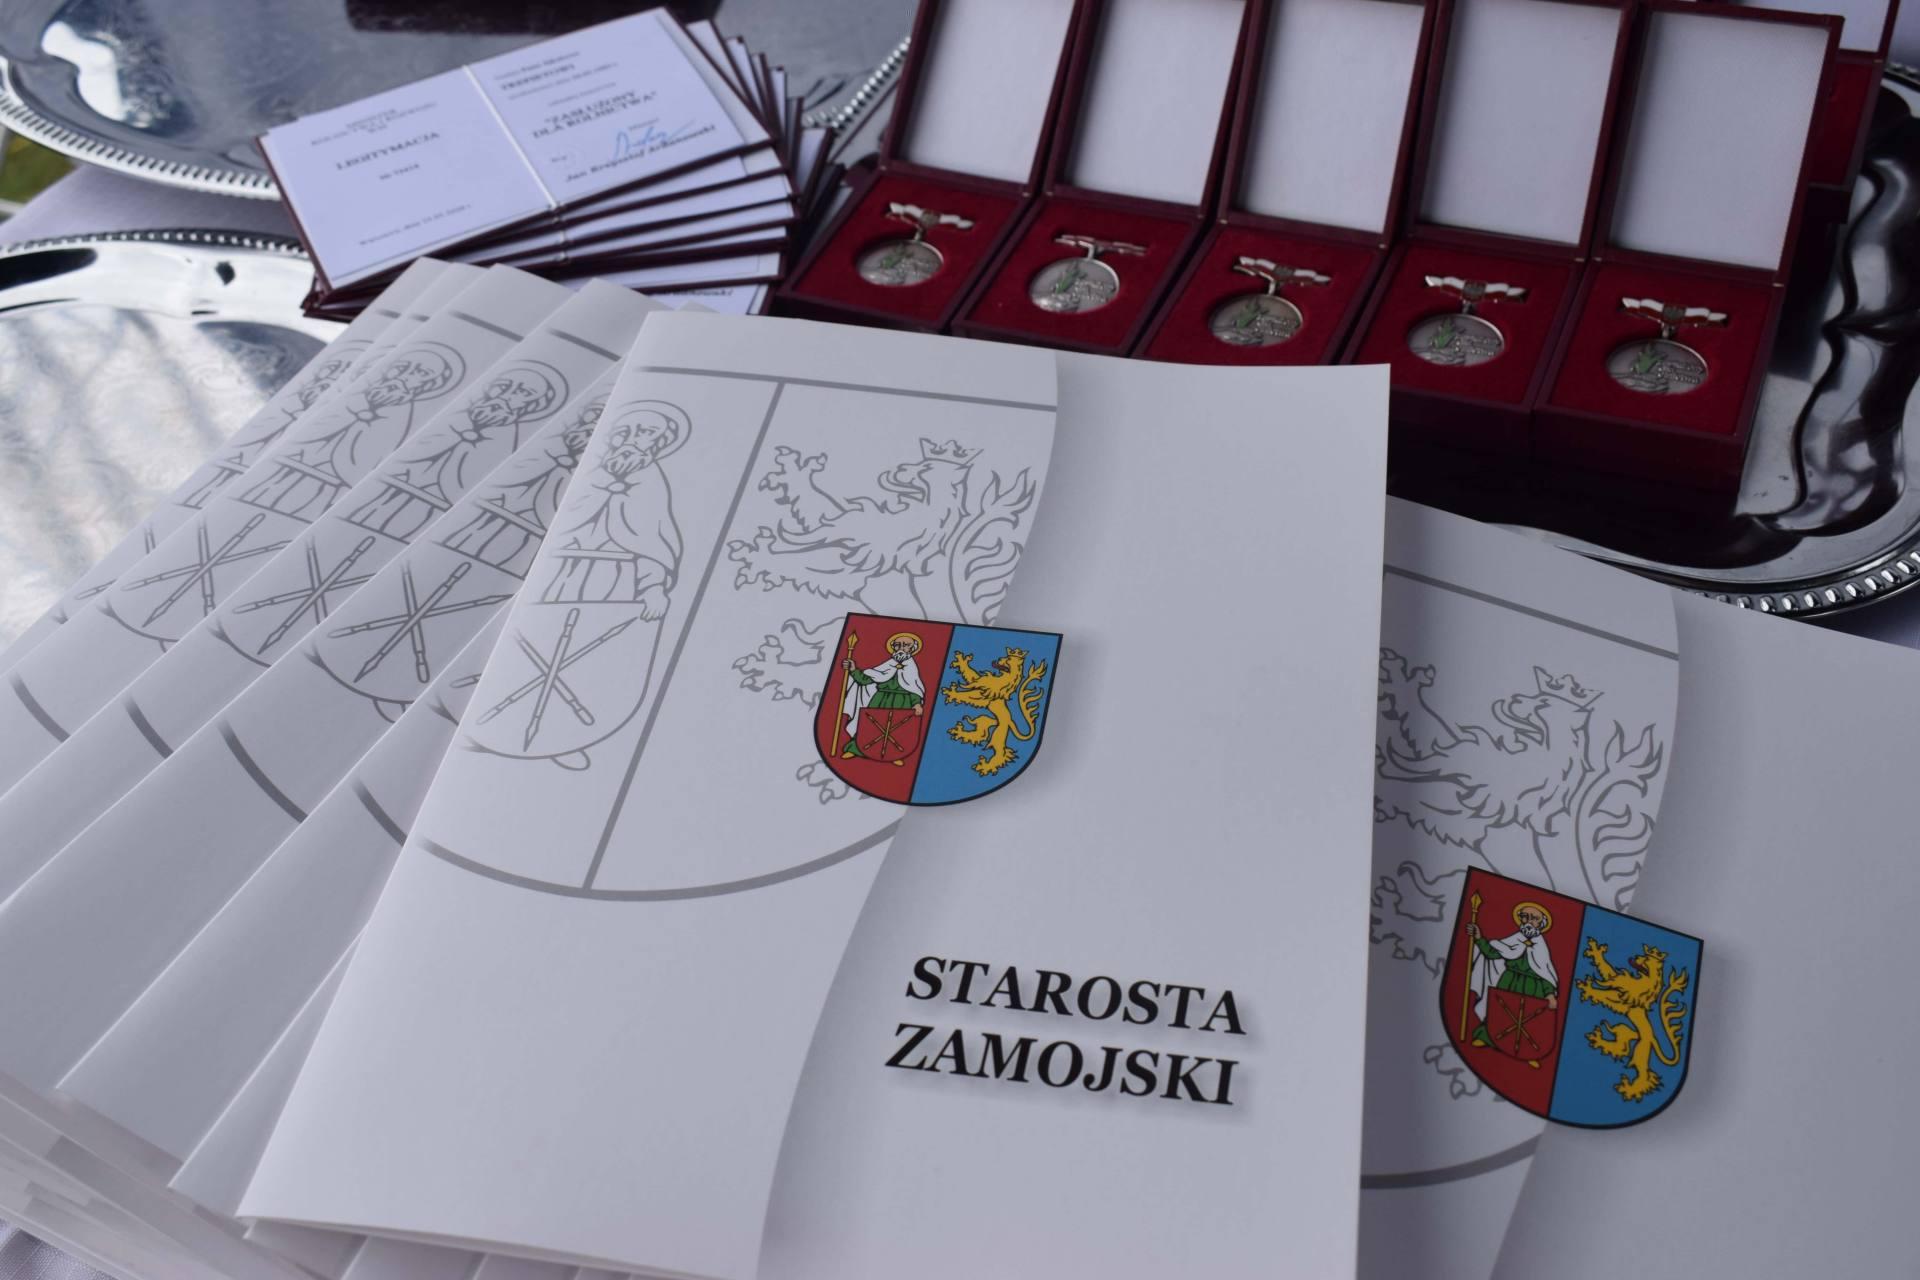 dsc 0375 23 sierpnia odbyły się Dożynki Powiatowo-Gminne w Łabuniach. Publikujemy zdjęcia